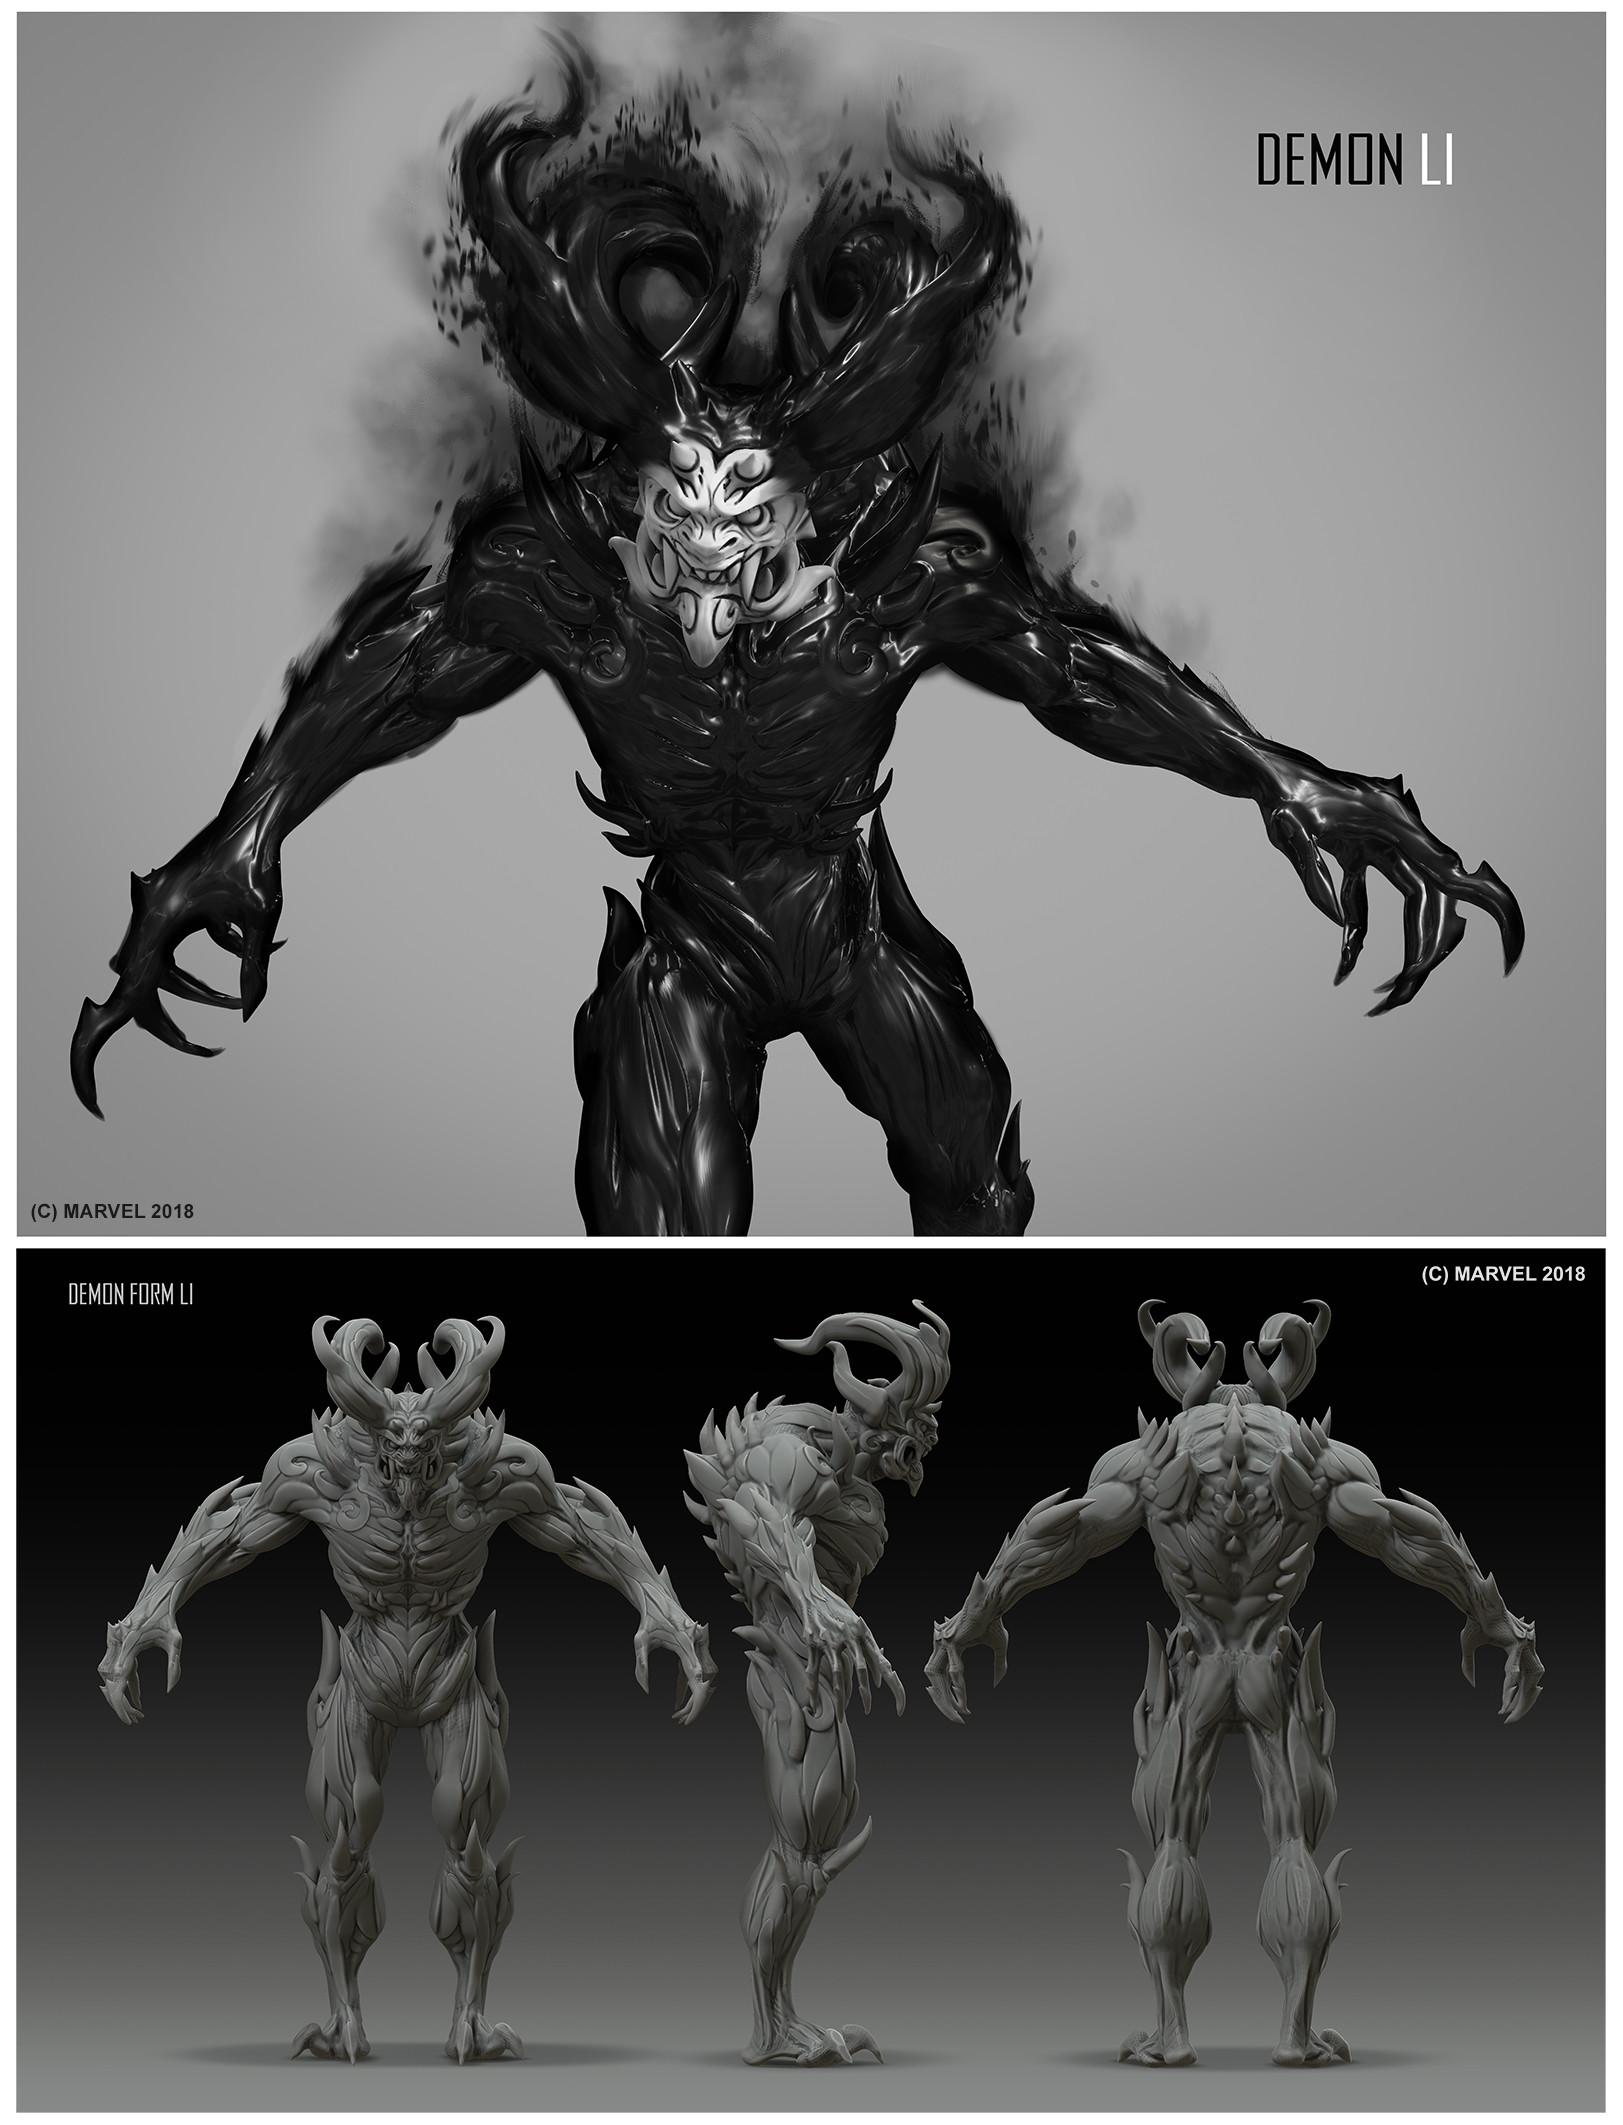 Daryl mandryk demon li 2